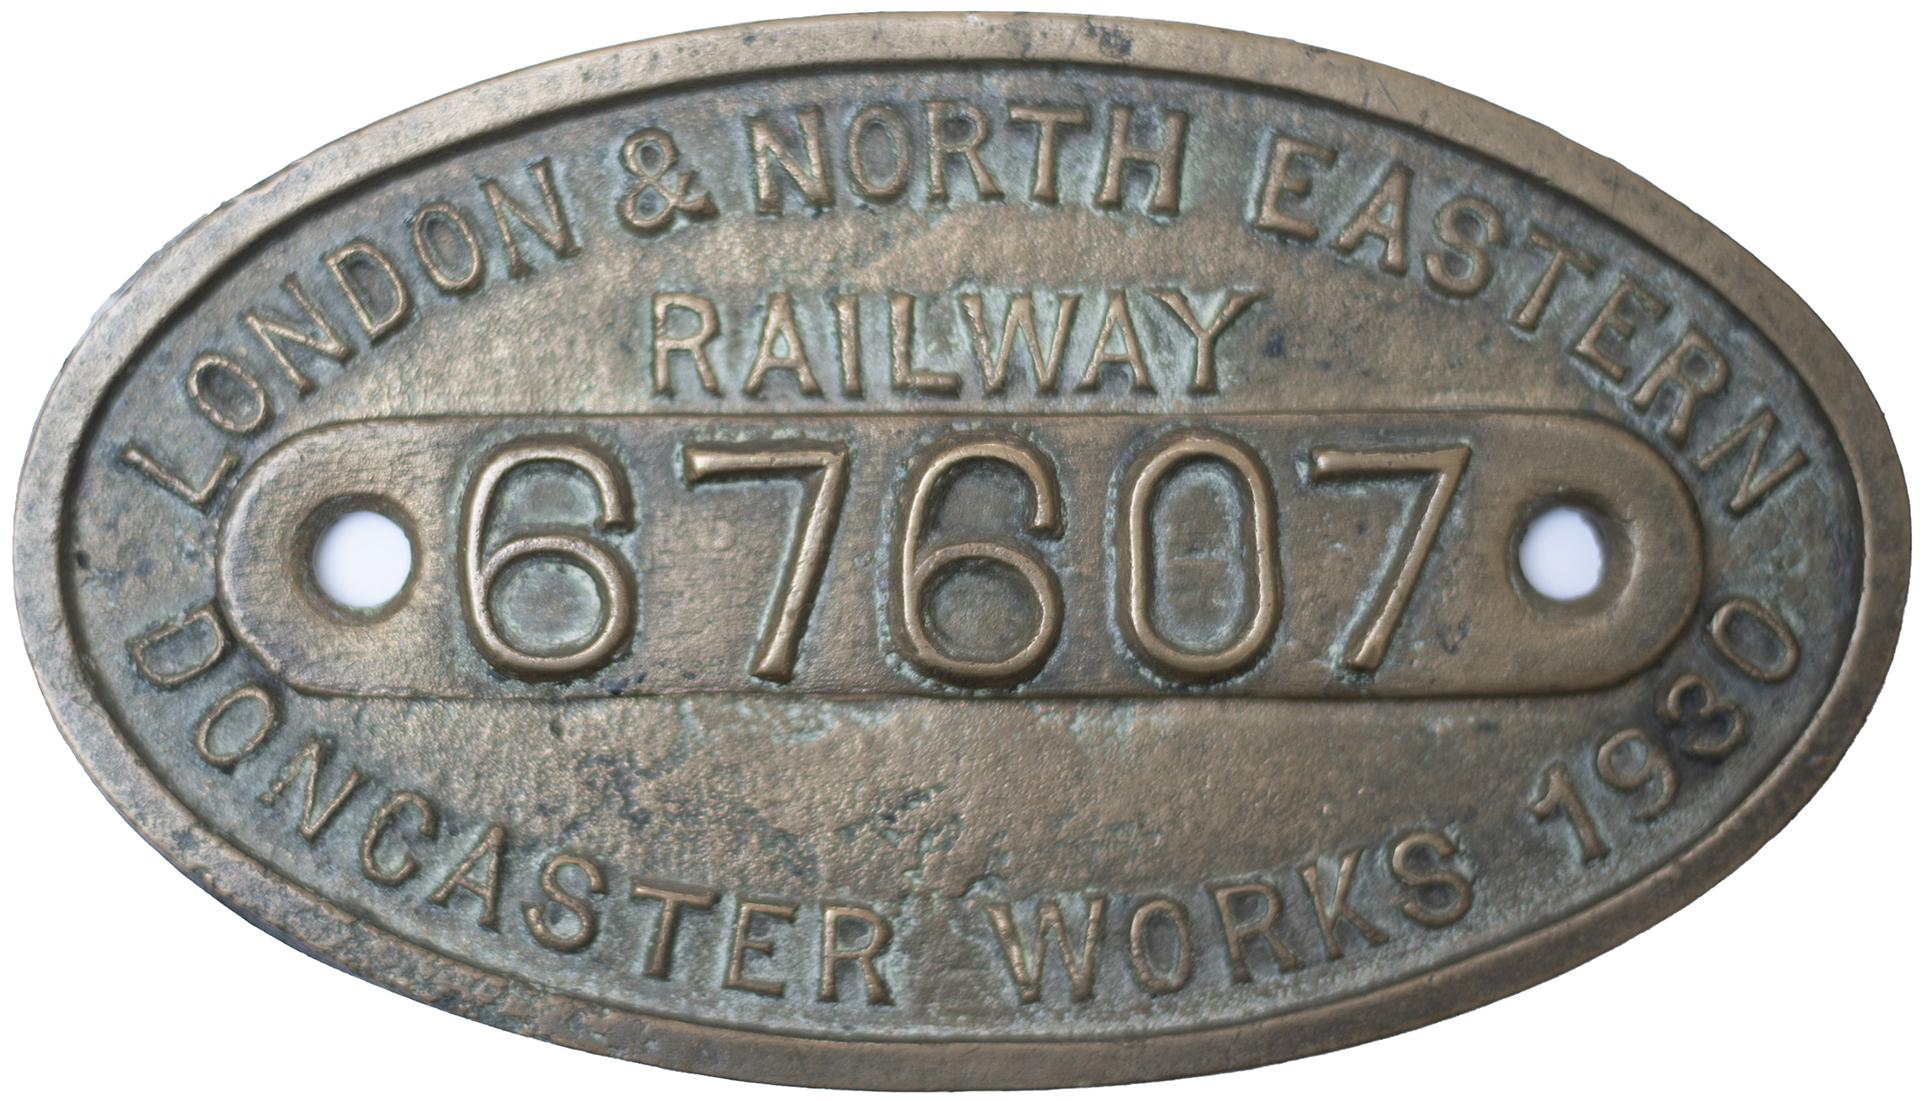 Worksplate LONDON & NORTH EASTERN RAILWAY BUILT DONCASTER WORKS 1930 67607 ex LNER V1/V3 2-6-2T LNER